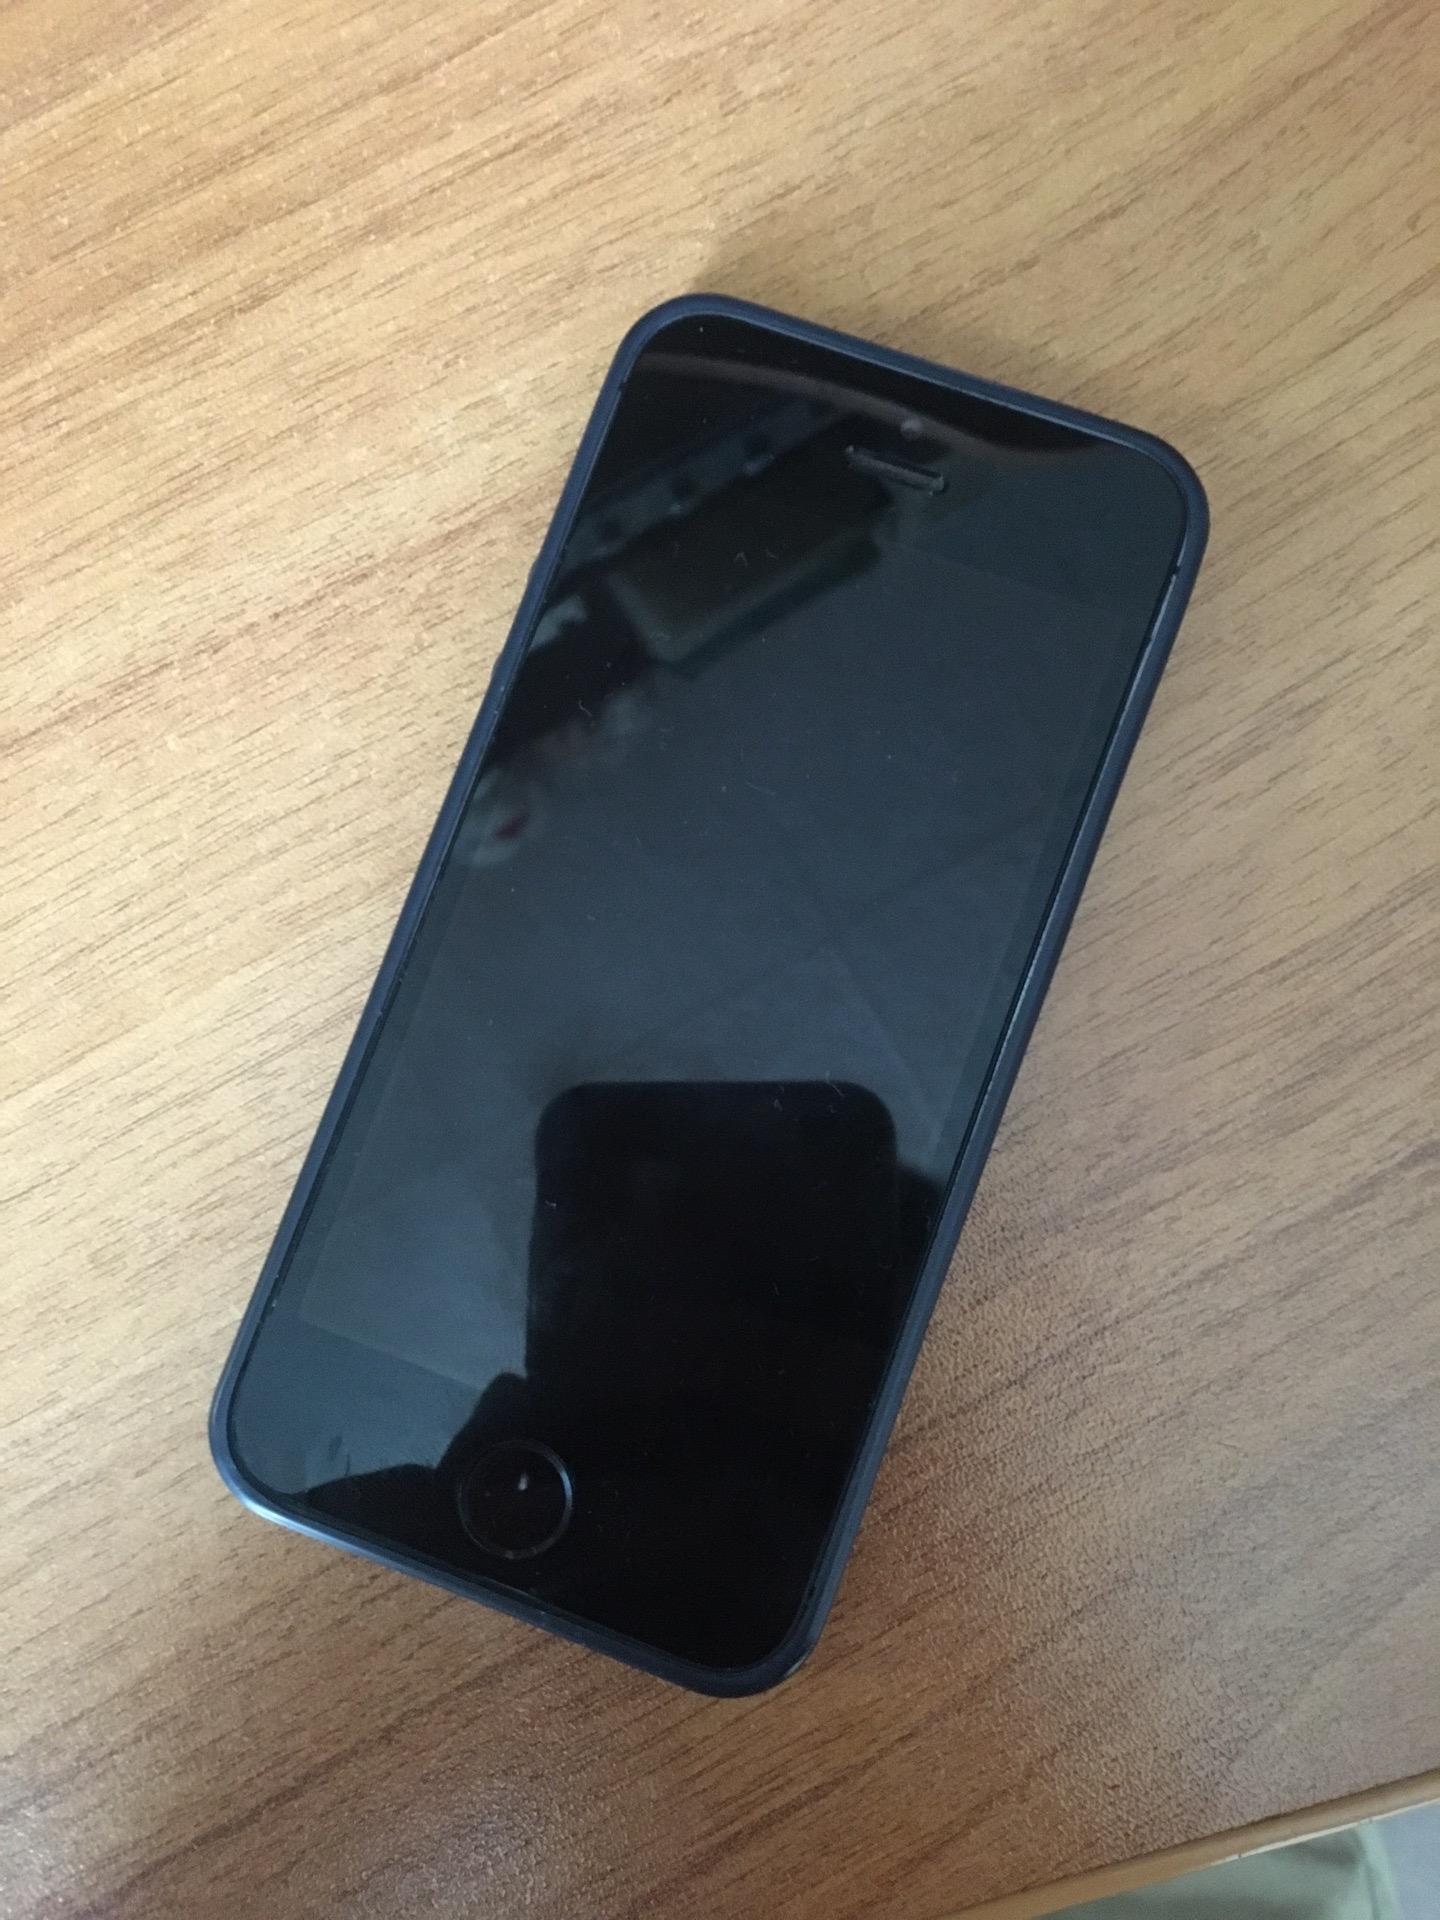 Купить iPhone 5s , коробки нет , зарядки нет , | Объявления Орска и Новотроицка №1732